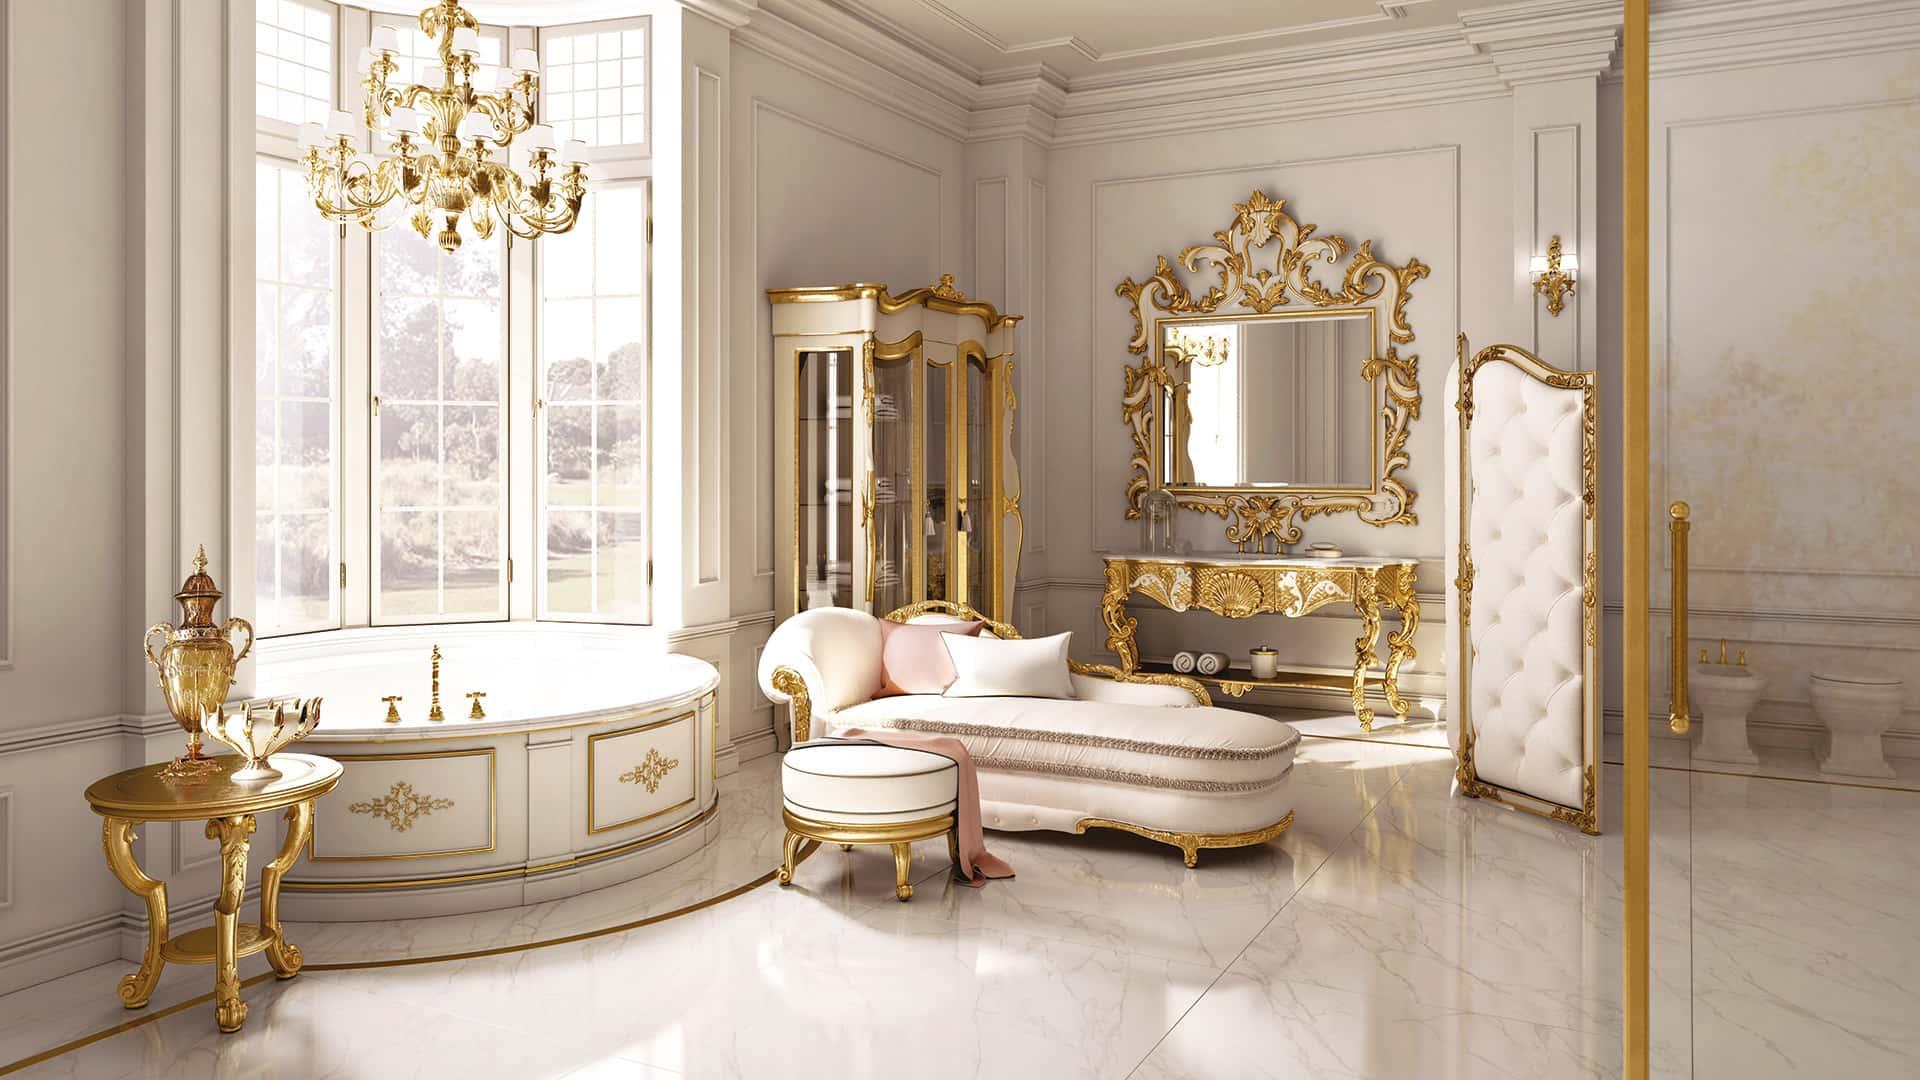 Andrea fanfani arredamento classico bagno in stile for Classica arredamento